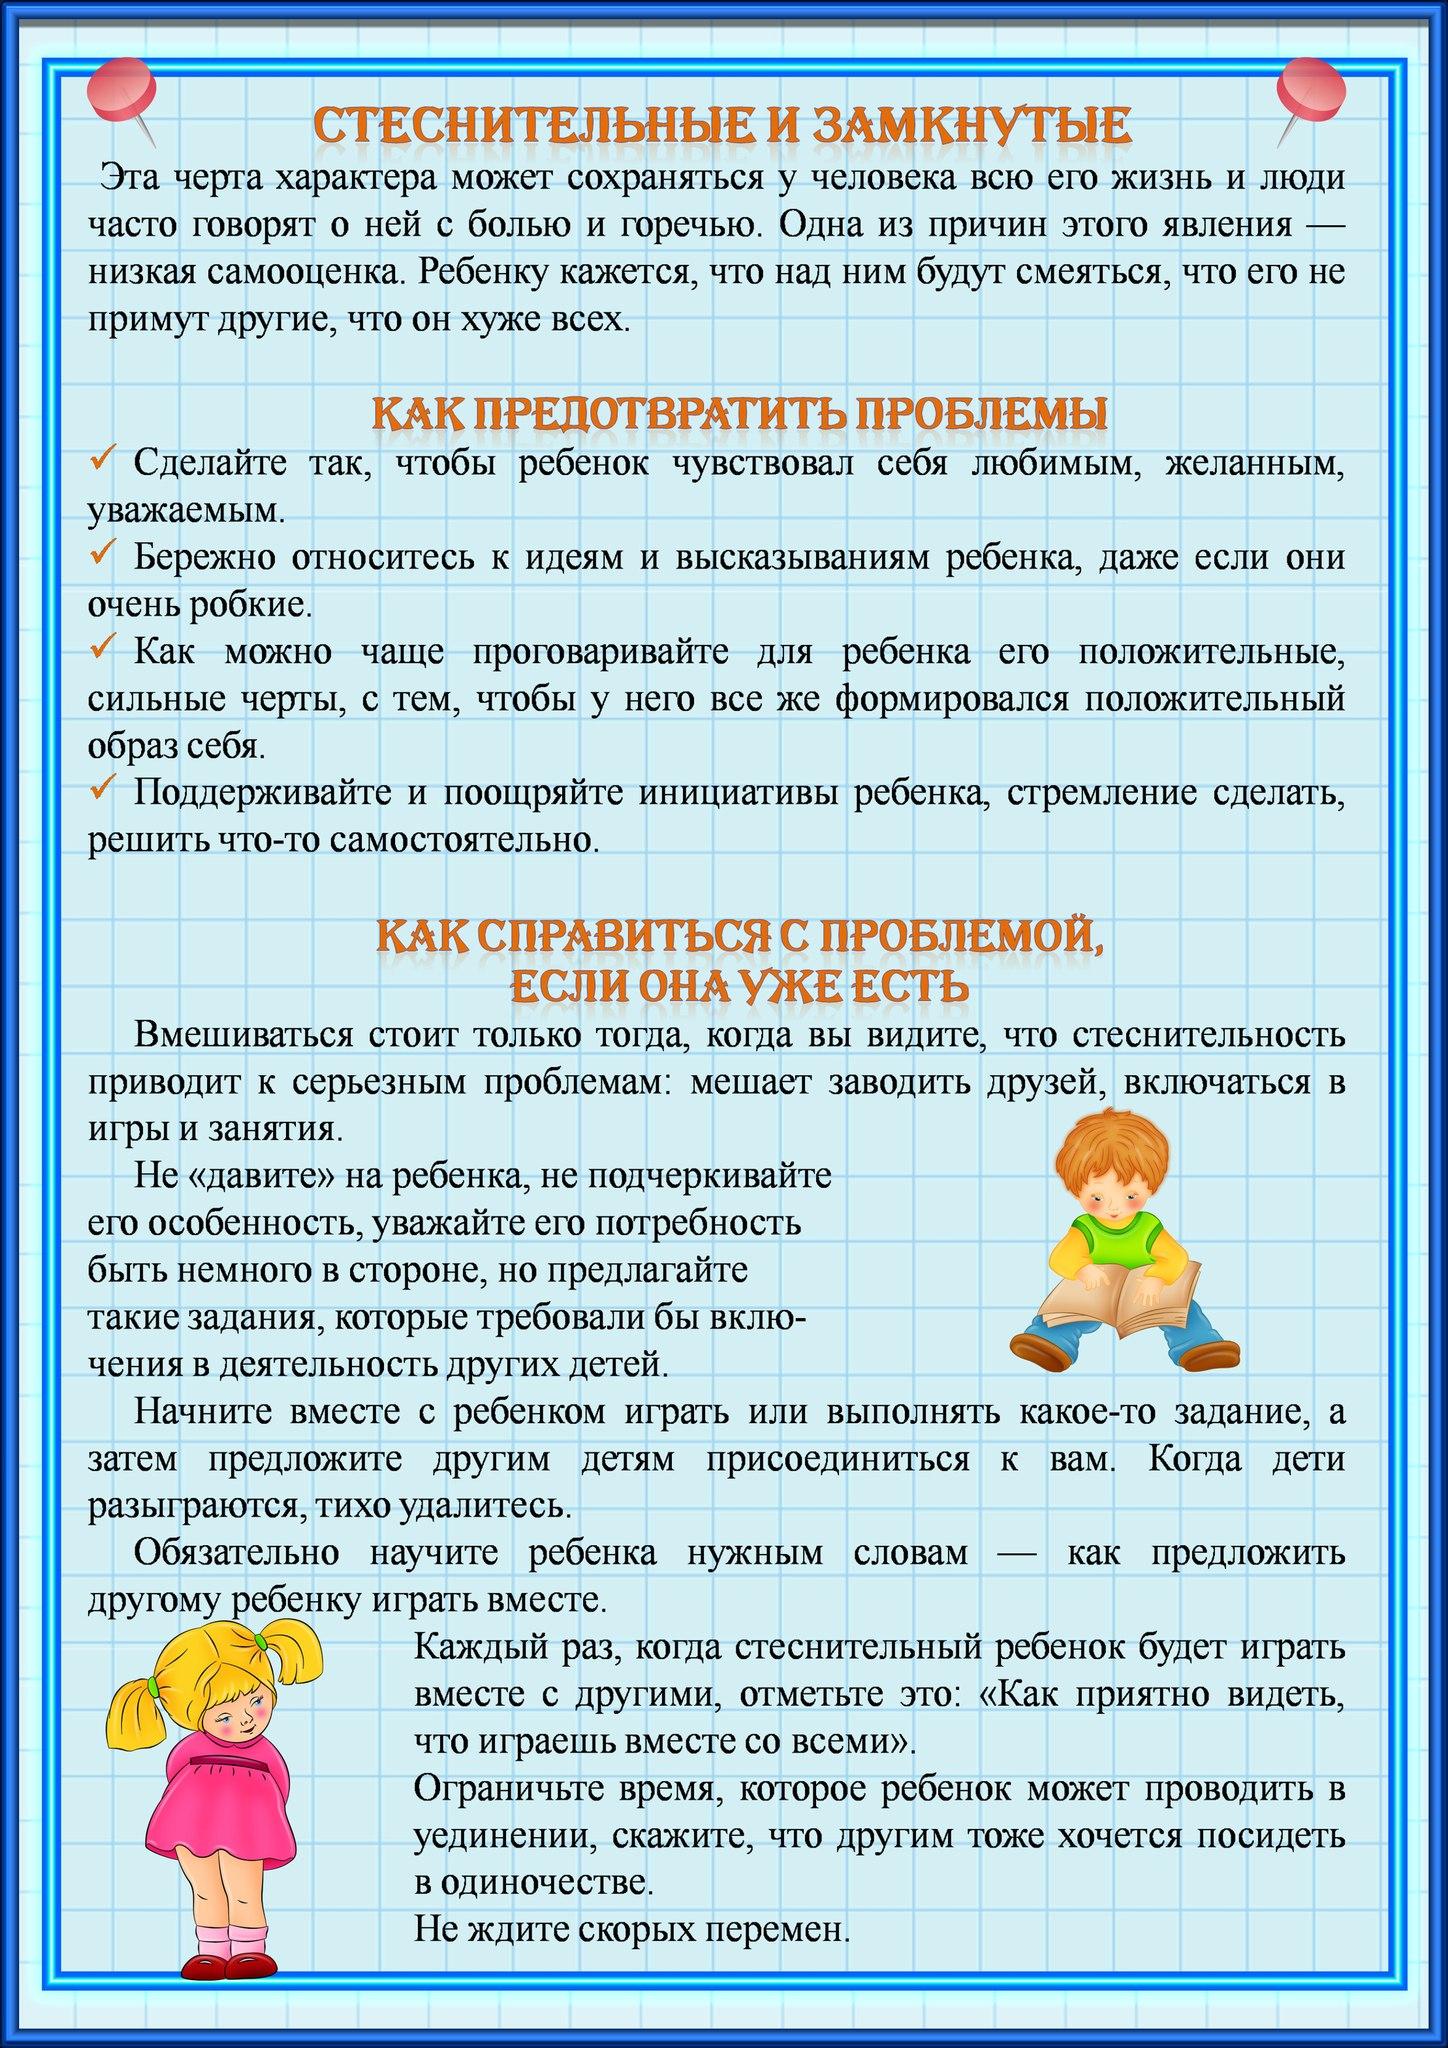 Памятка родителям - Советы родителям замкнутых детей - копия